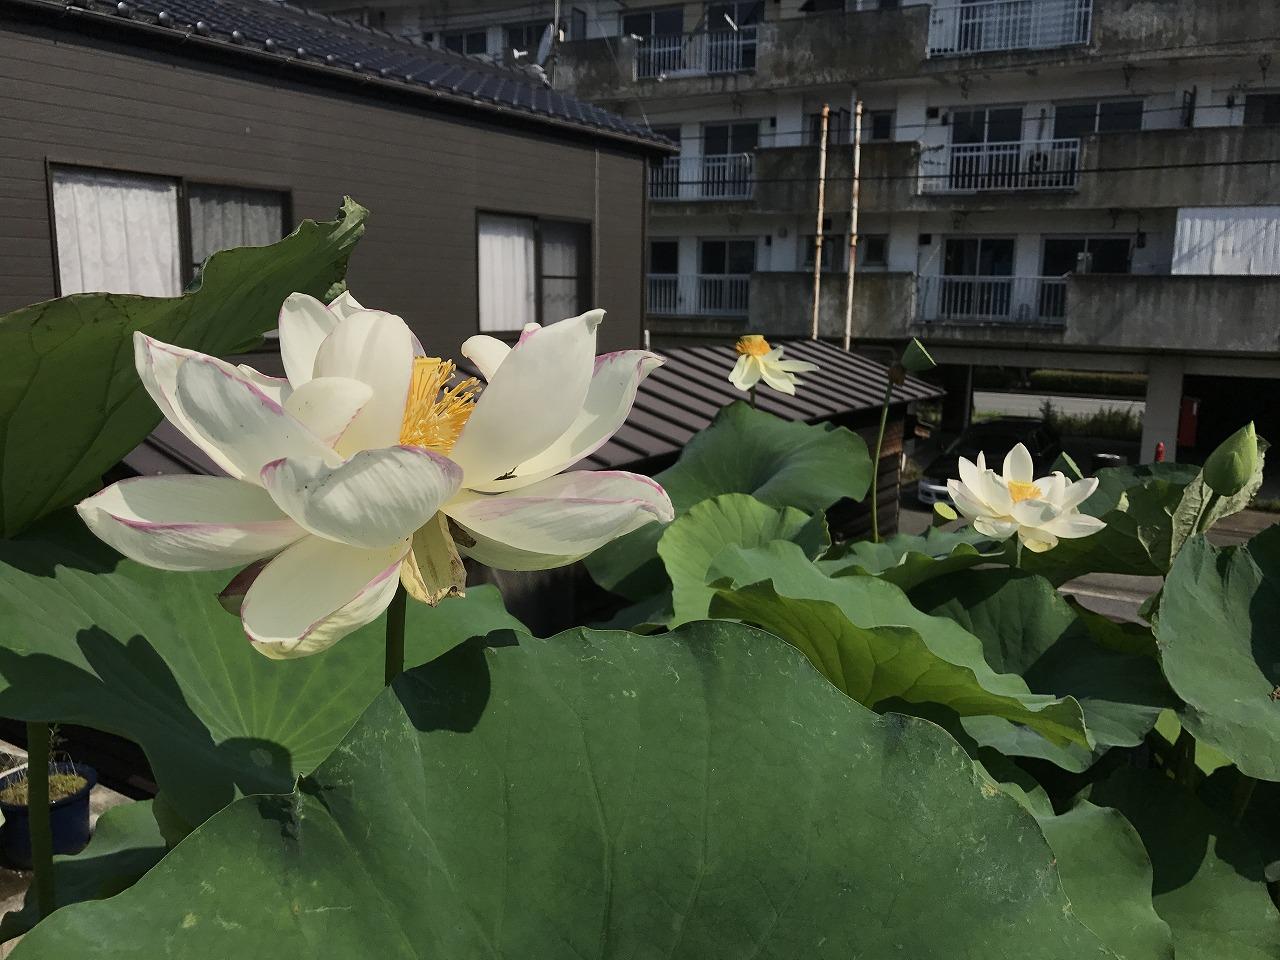 20170715-Lotus_Tenjikumadarabasu-I02.jpg